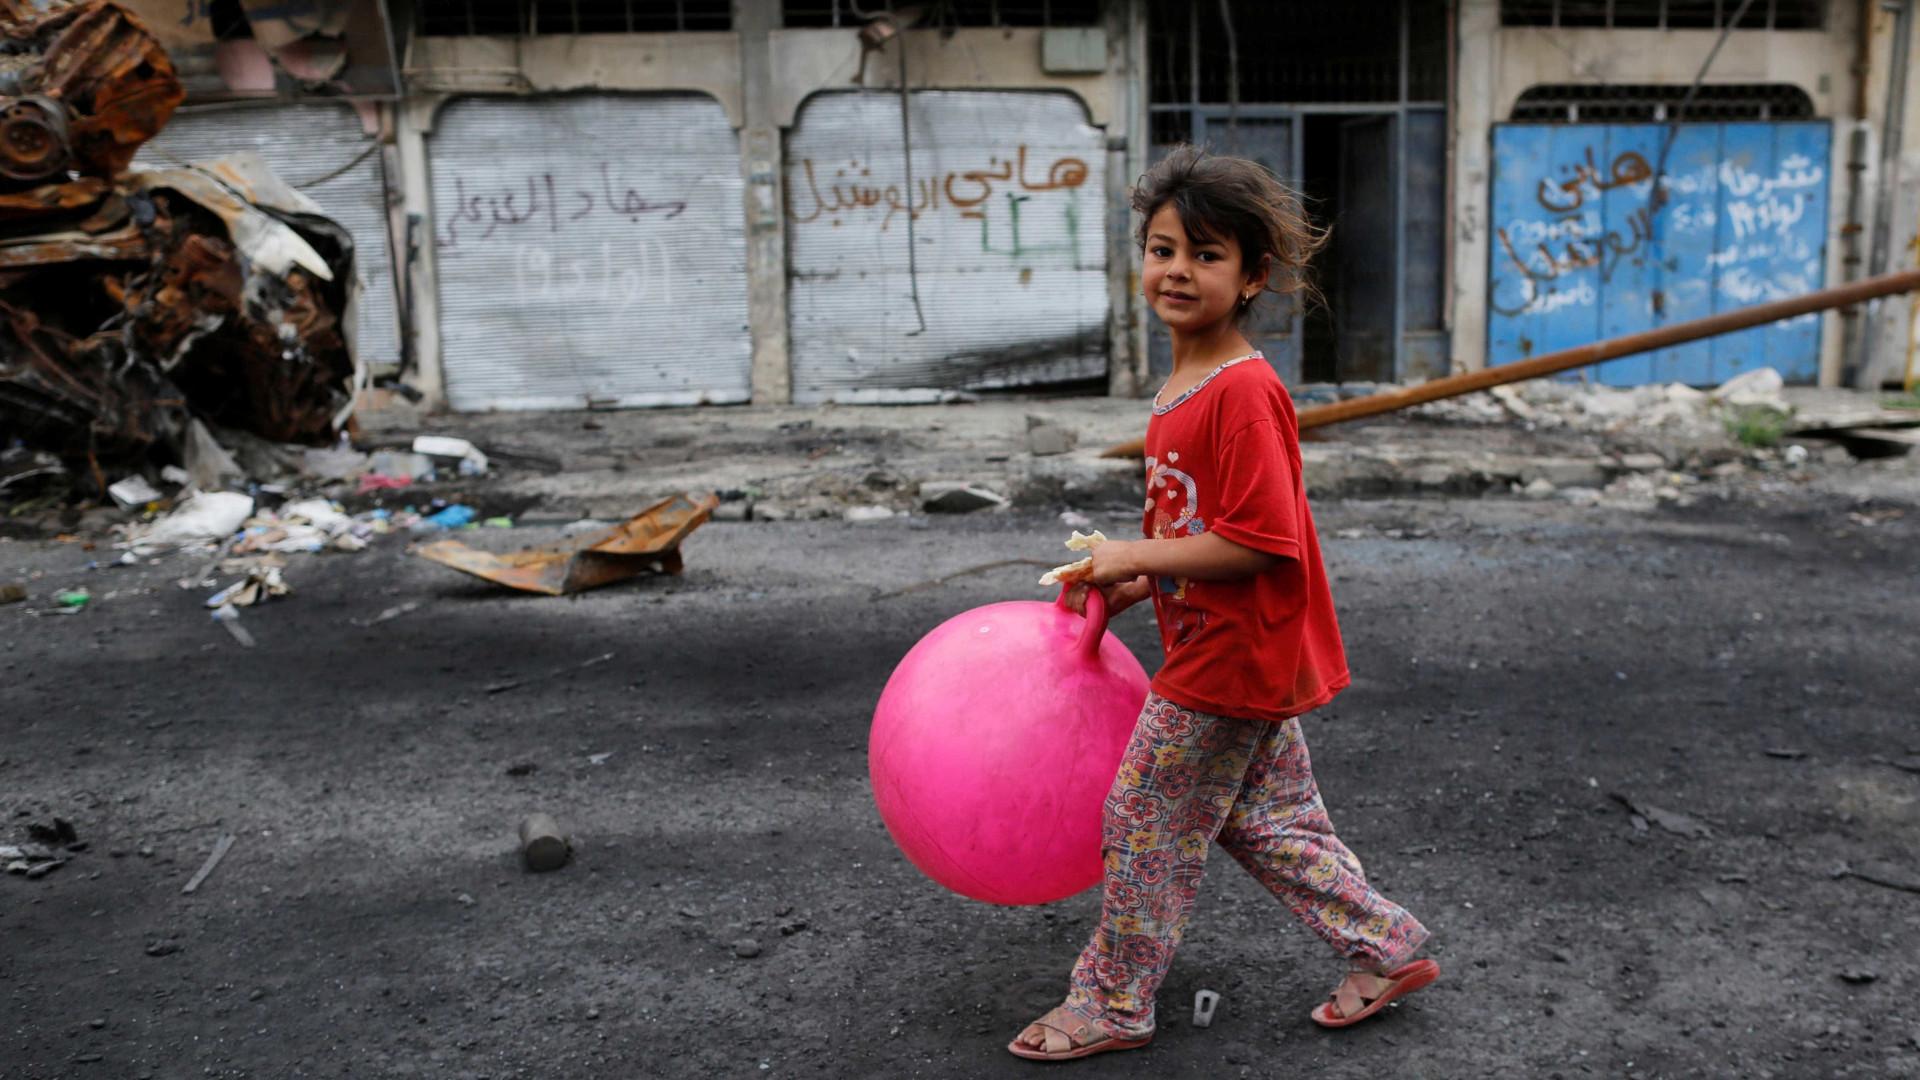 Brincadeiras de criança num 'recreio' que é também campo de guerra